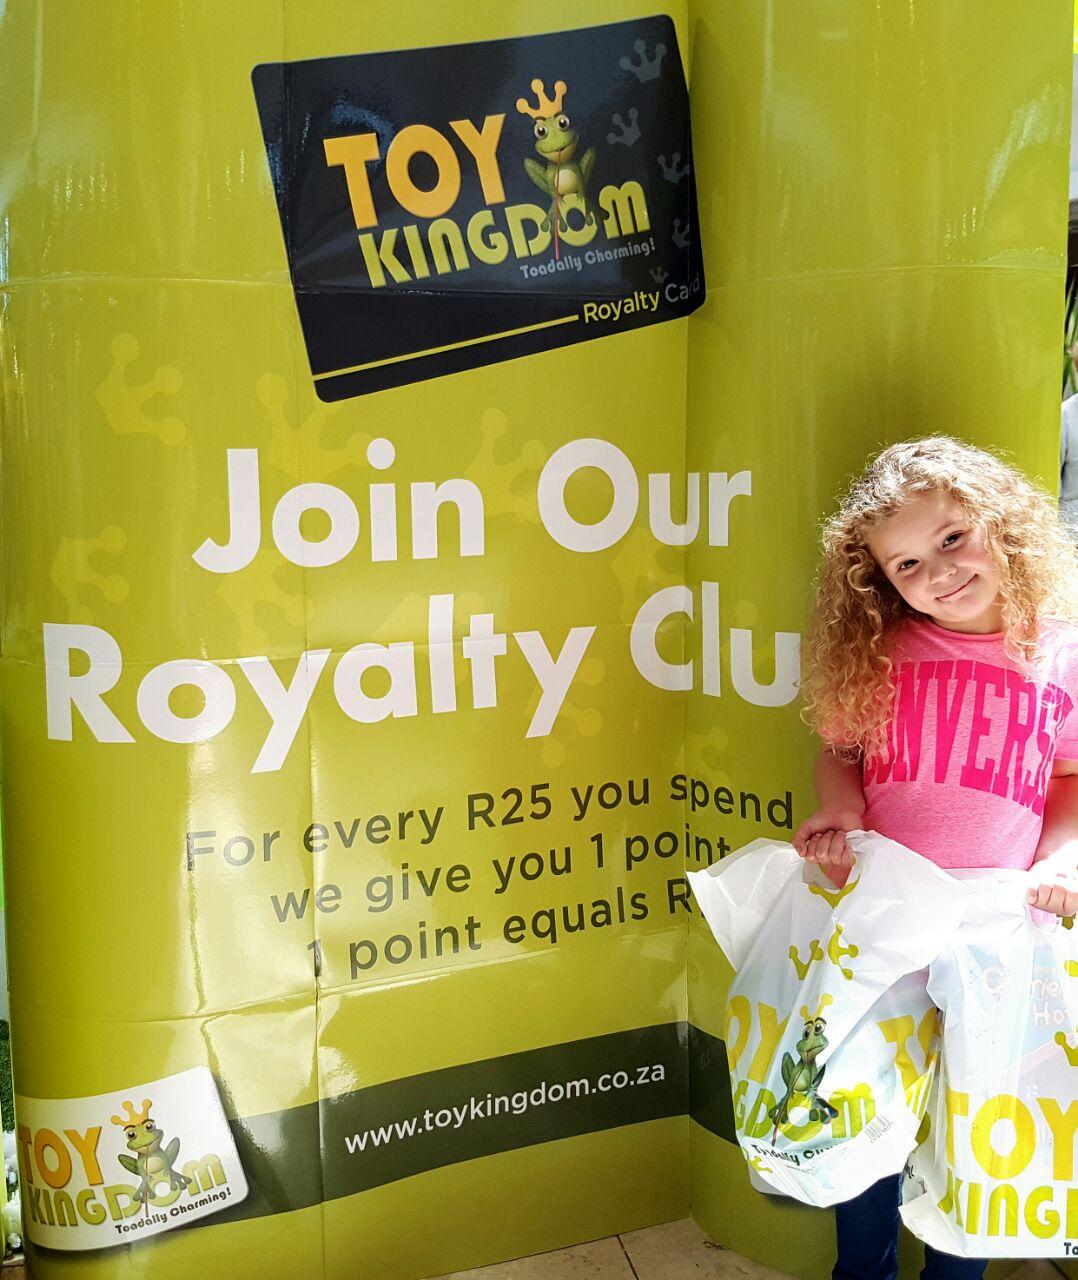 Toy Kingdom Loyalty Club